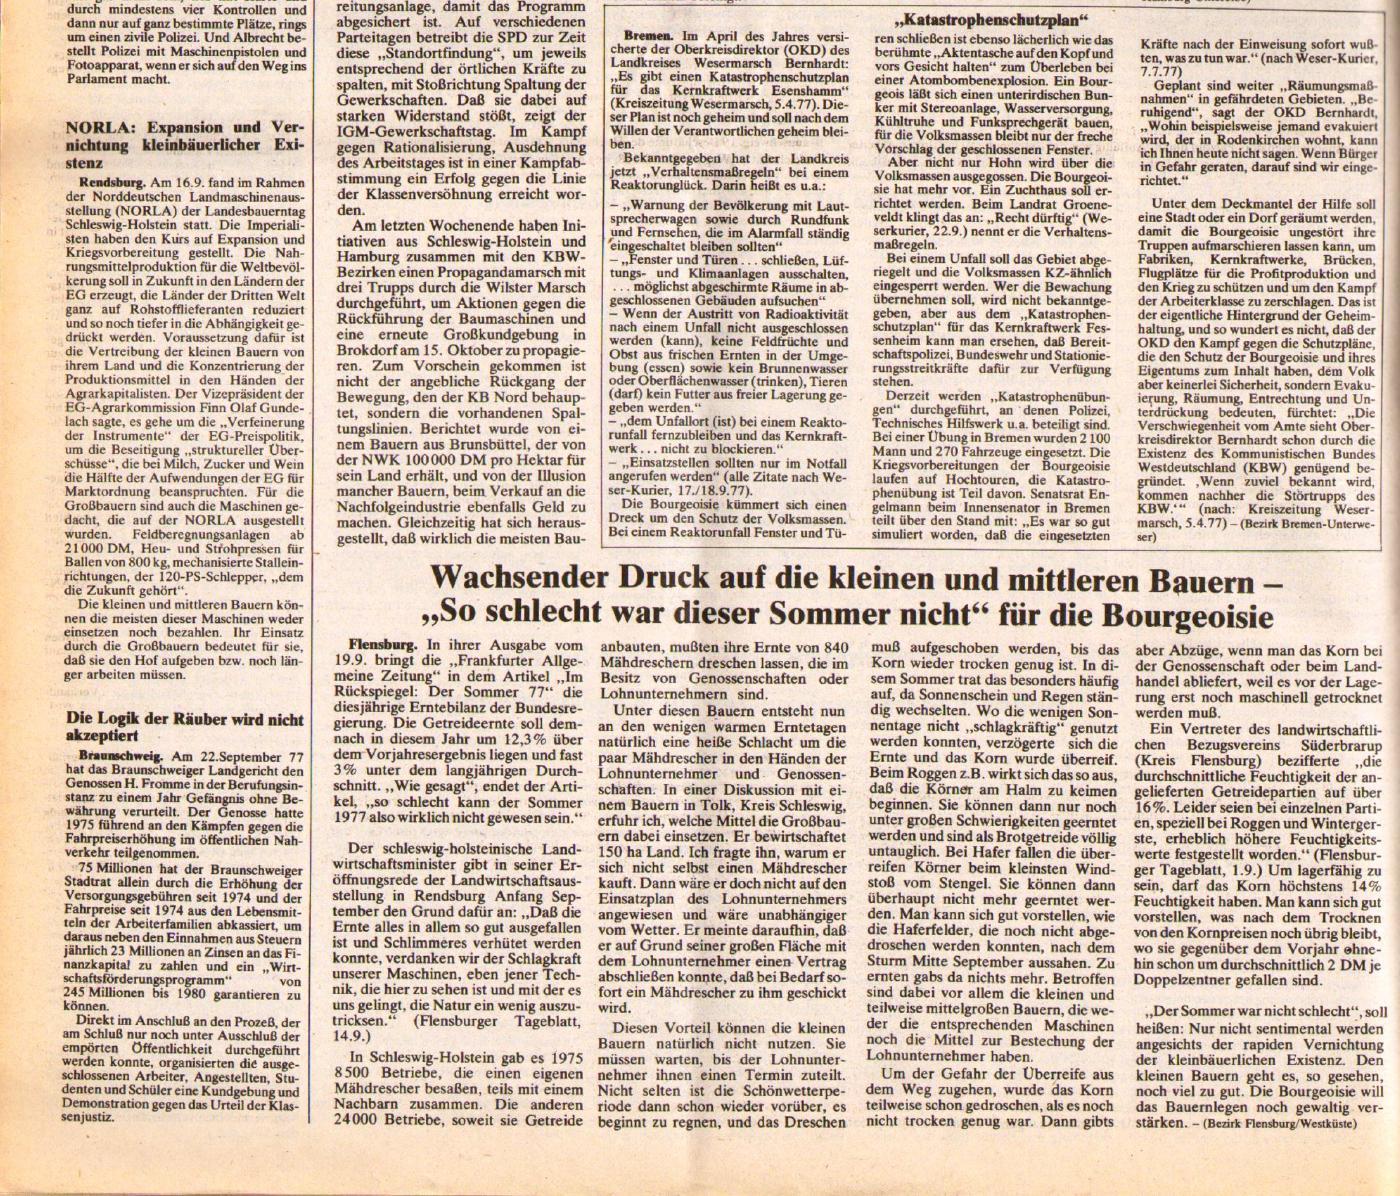 KVZ_Nord_1977_39_16